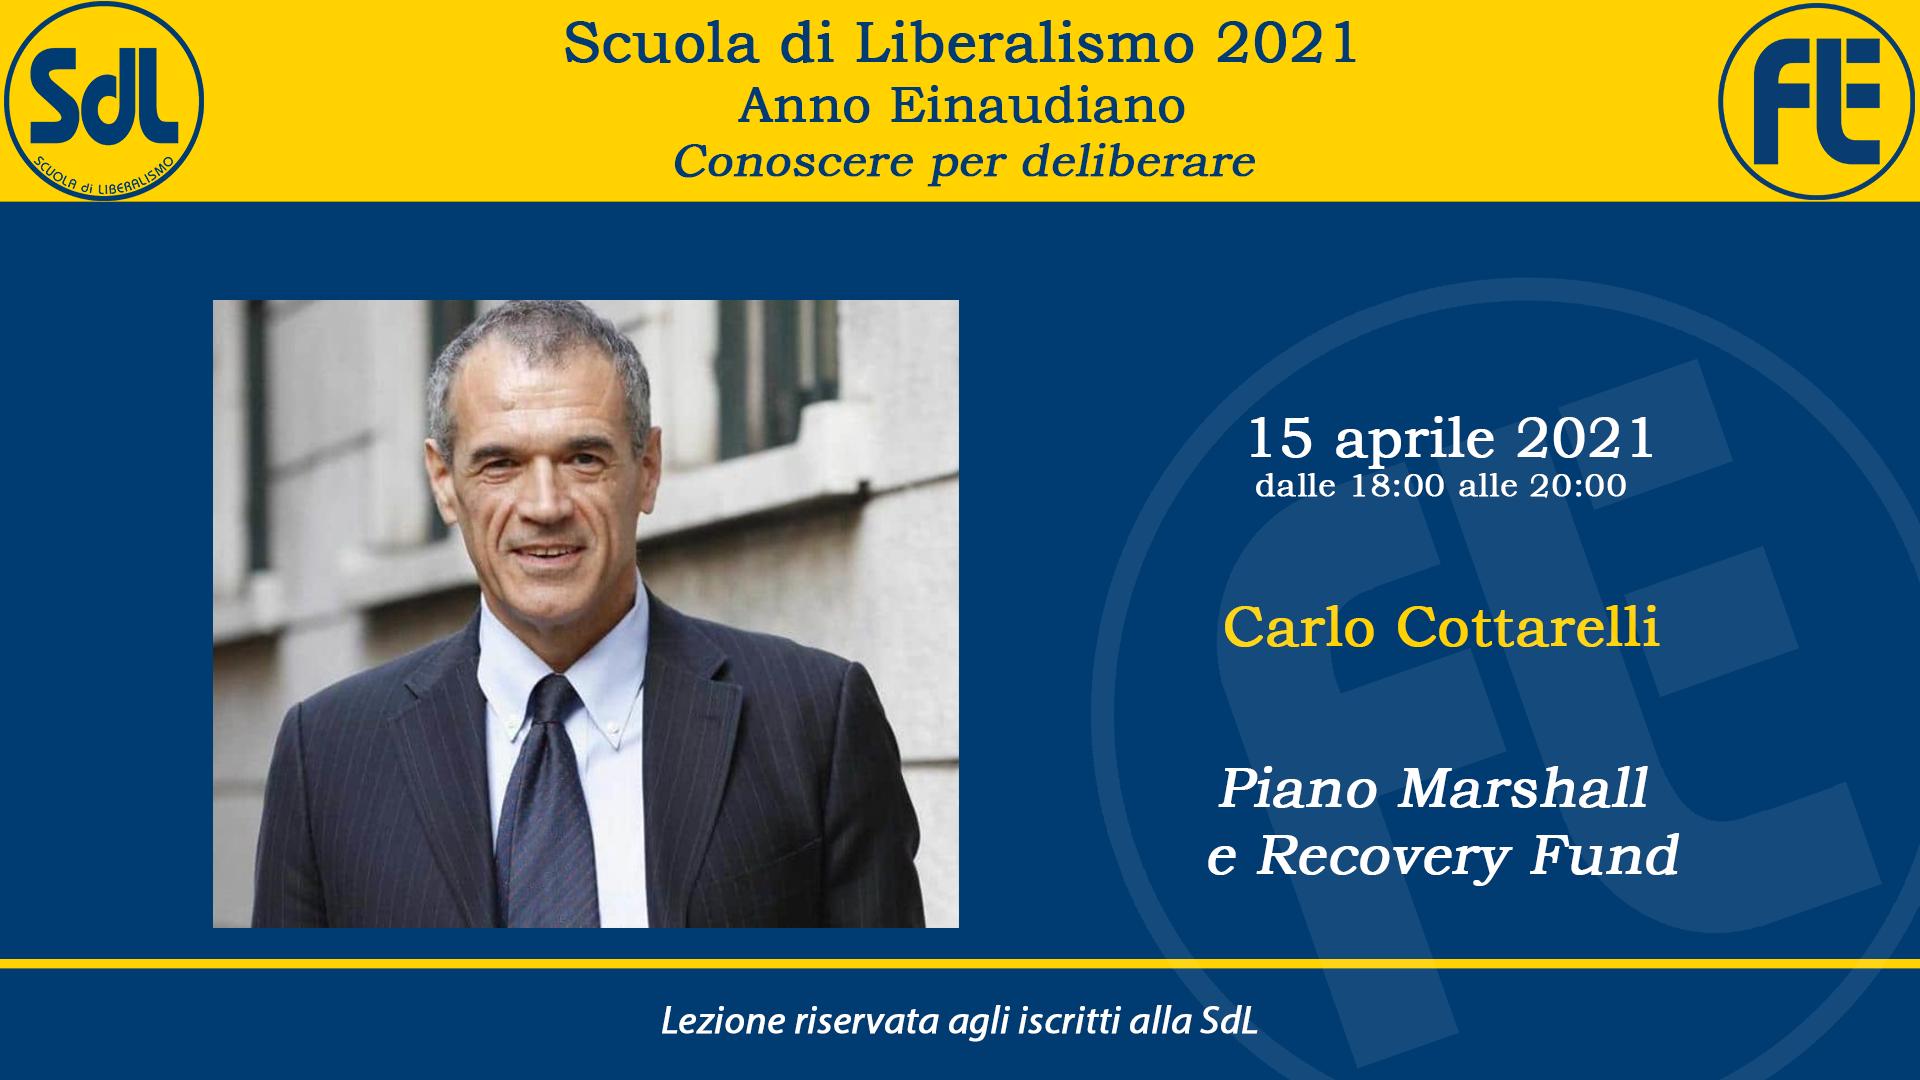 Scuola di Liberalismo 2021: 15 aprile lezione di Carlo Cottarelli